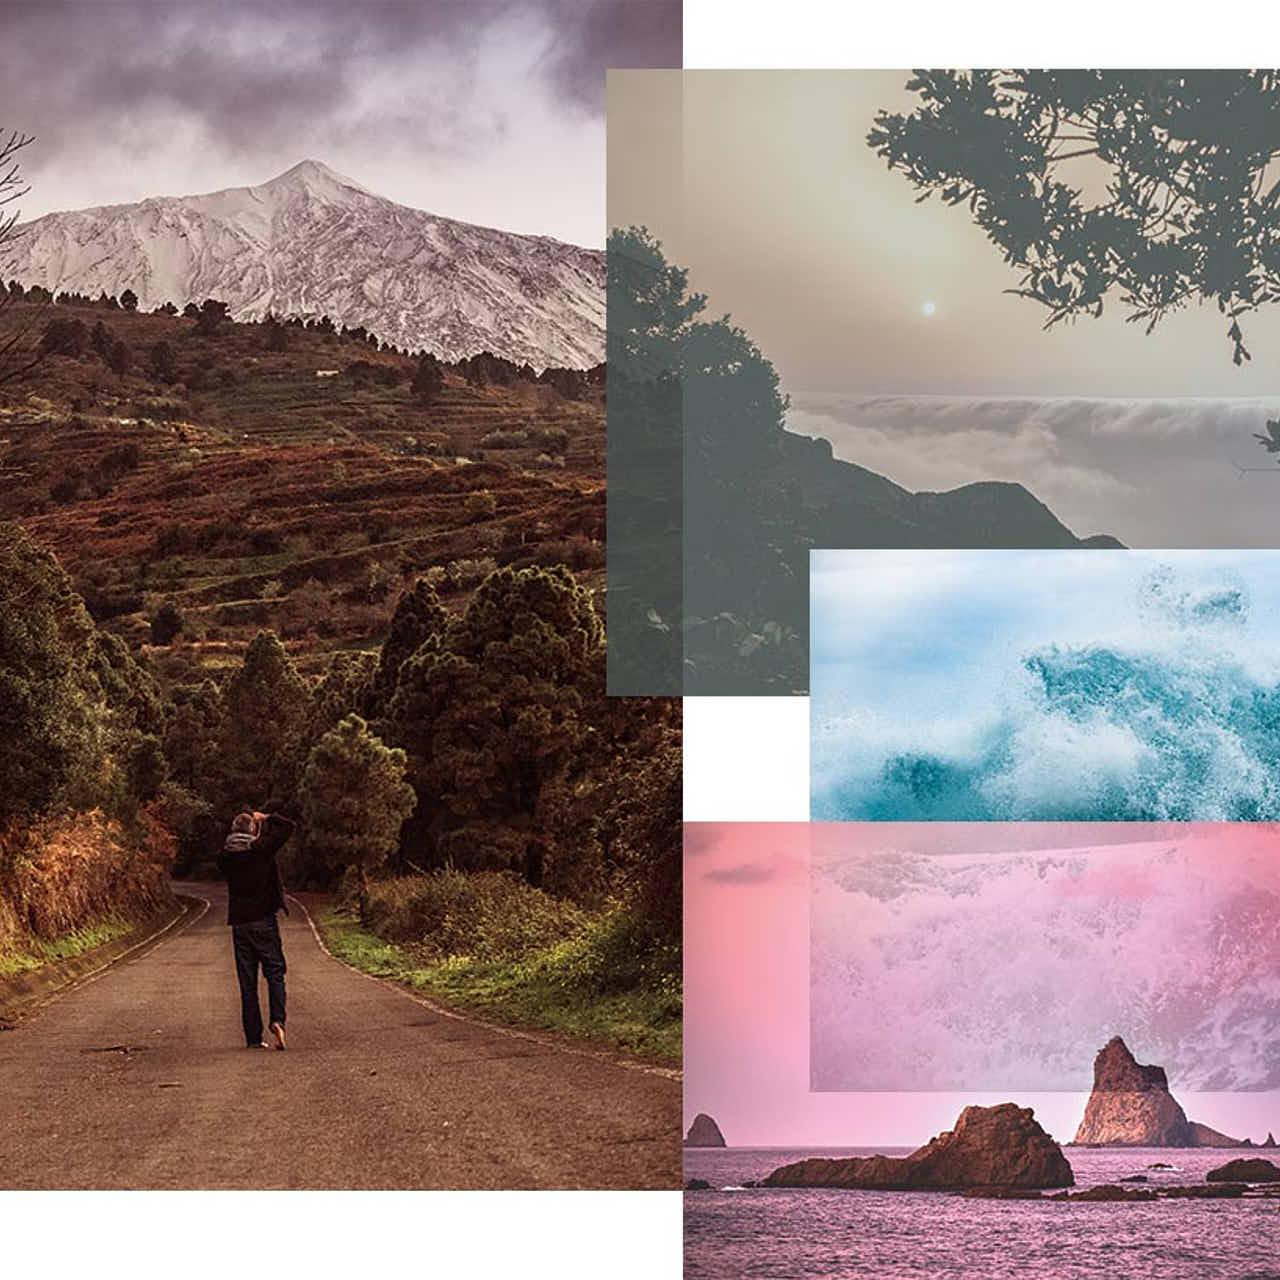 Fotokurse und Workshops und Fotoworkshops auf Teneriffa und den Kanaren im Urlaub beim Profifotograf